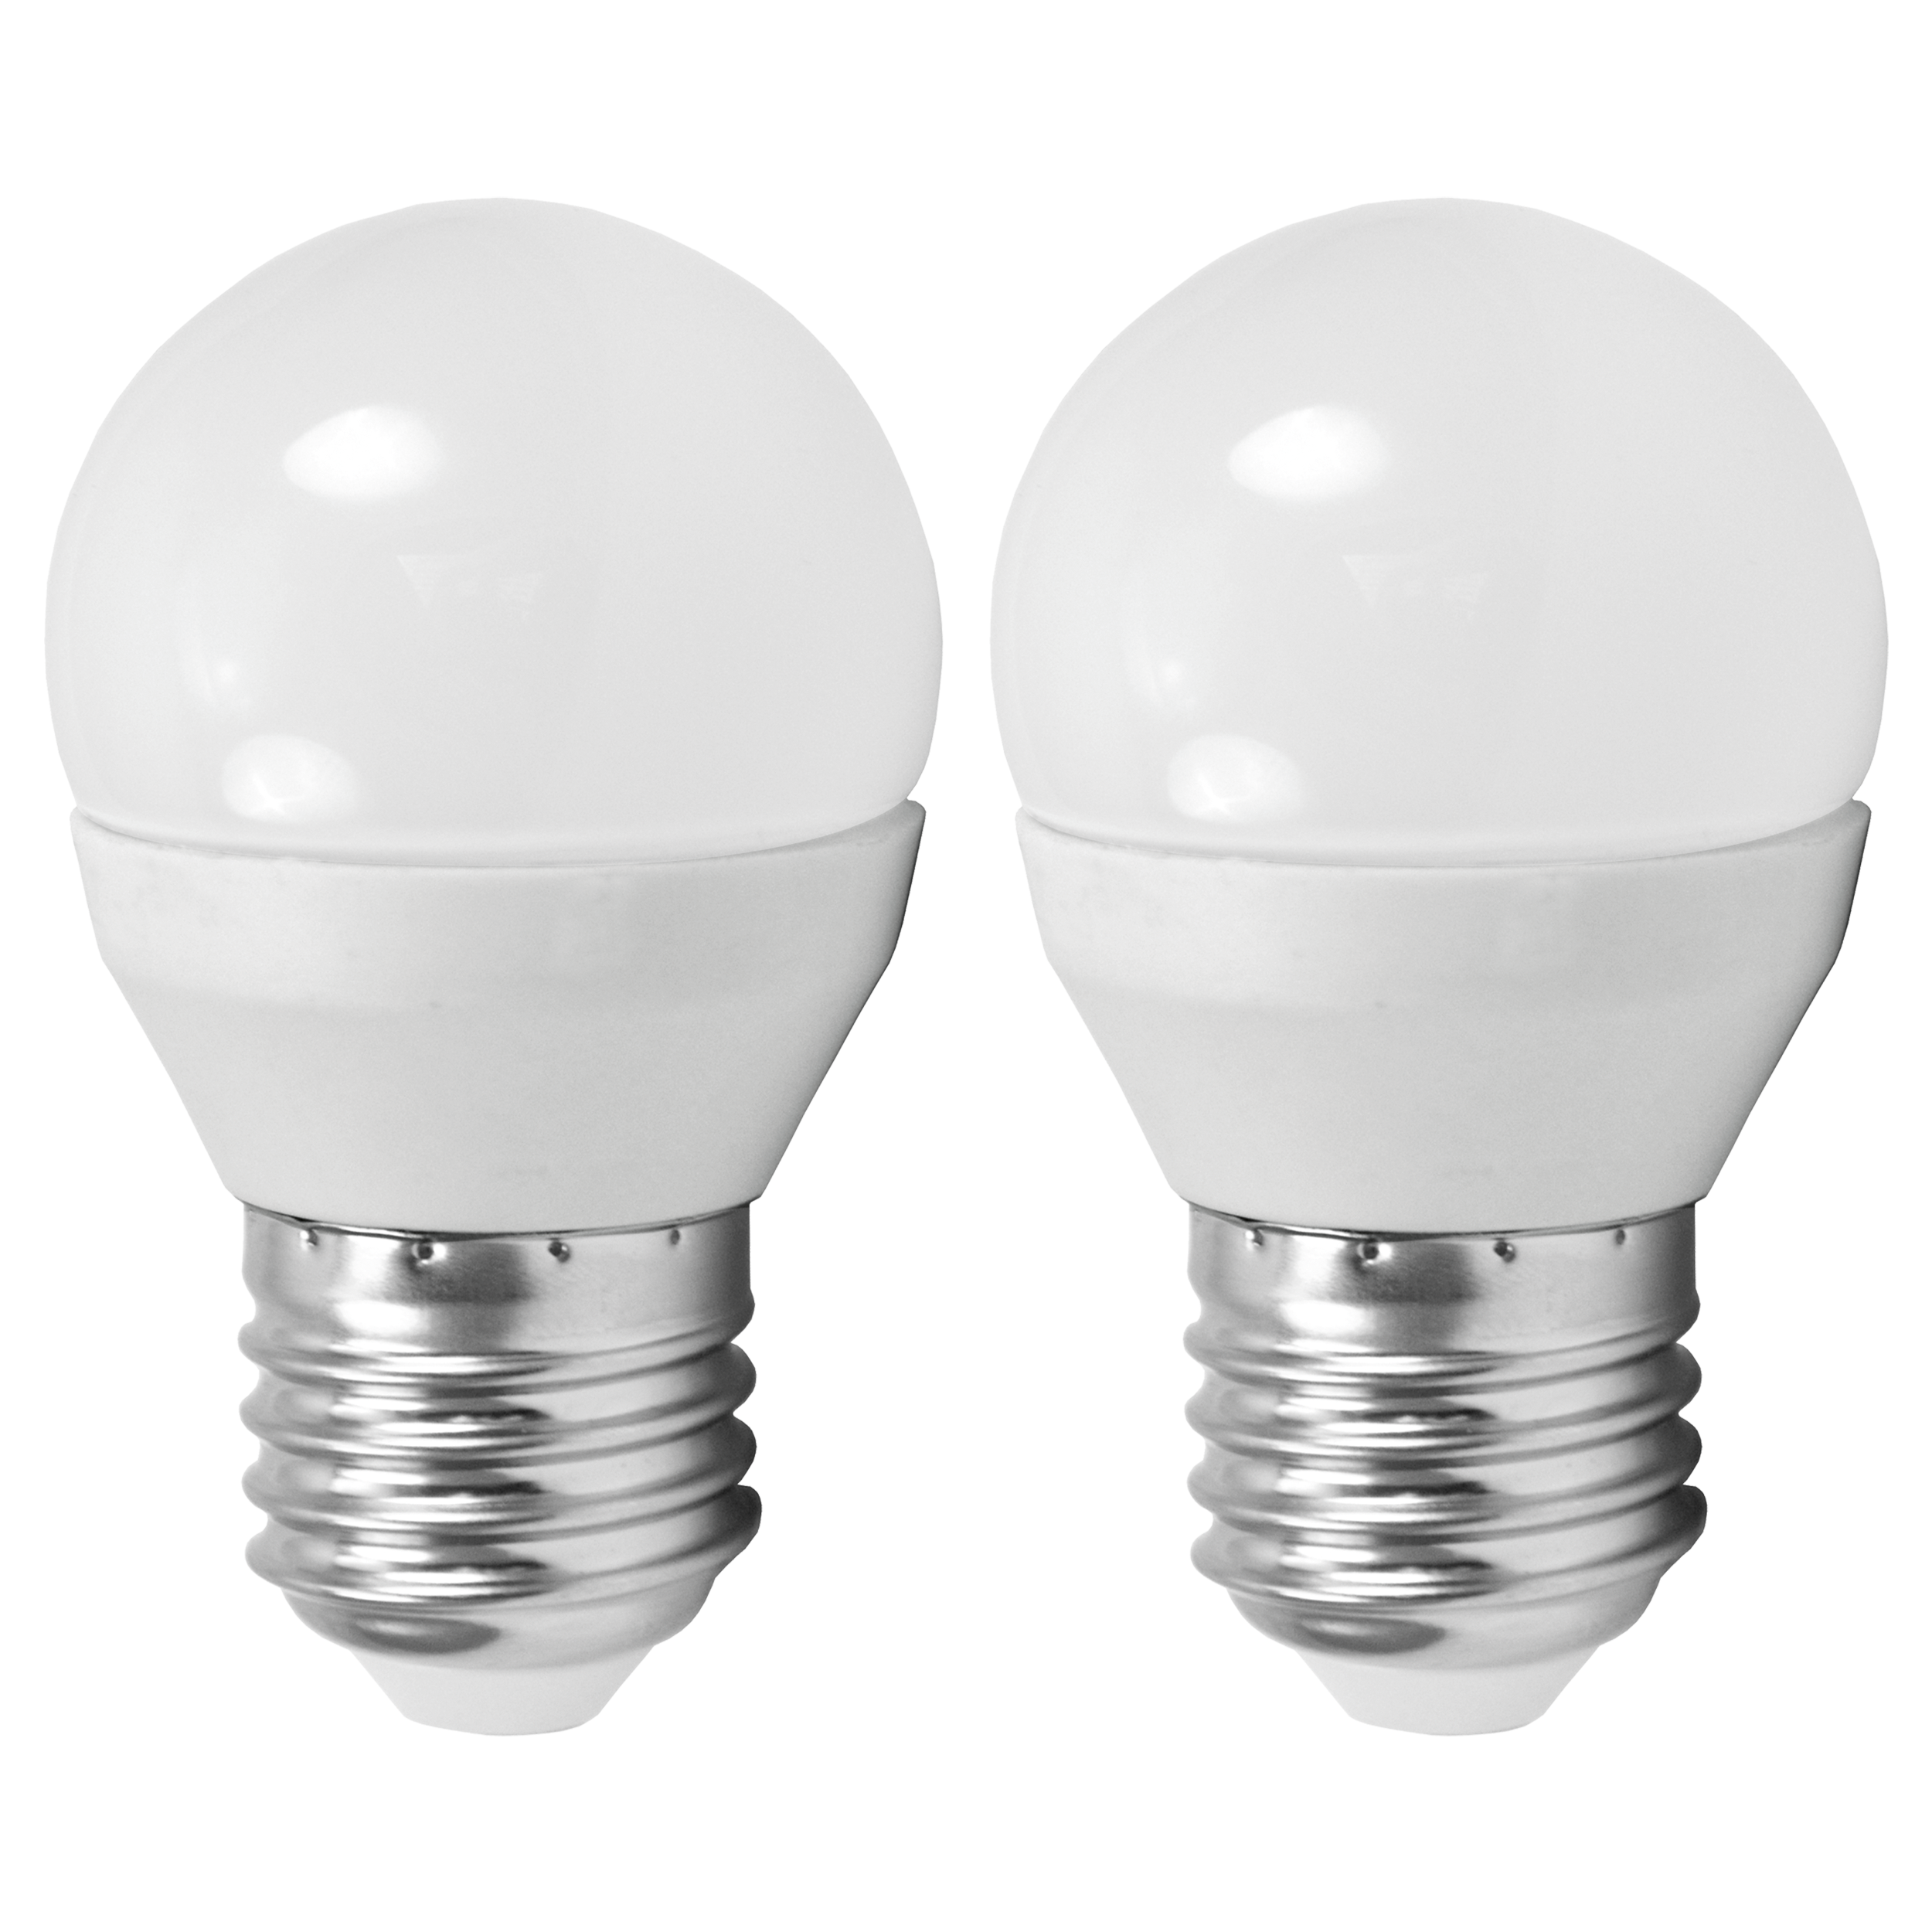 наших фото светодиодных ламп начнем